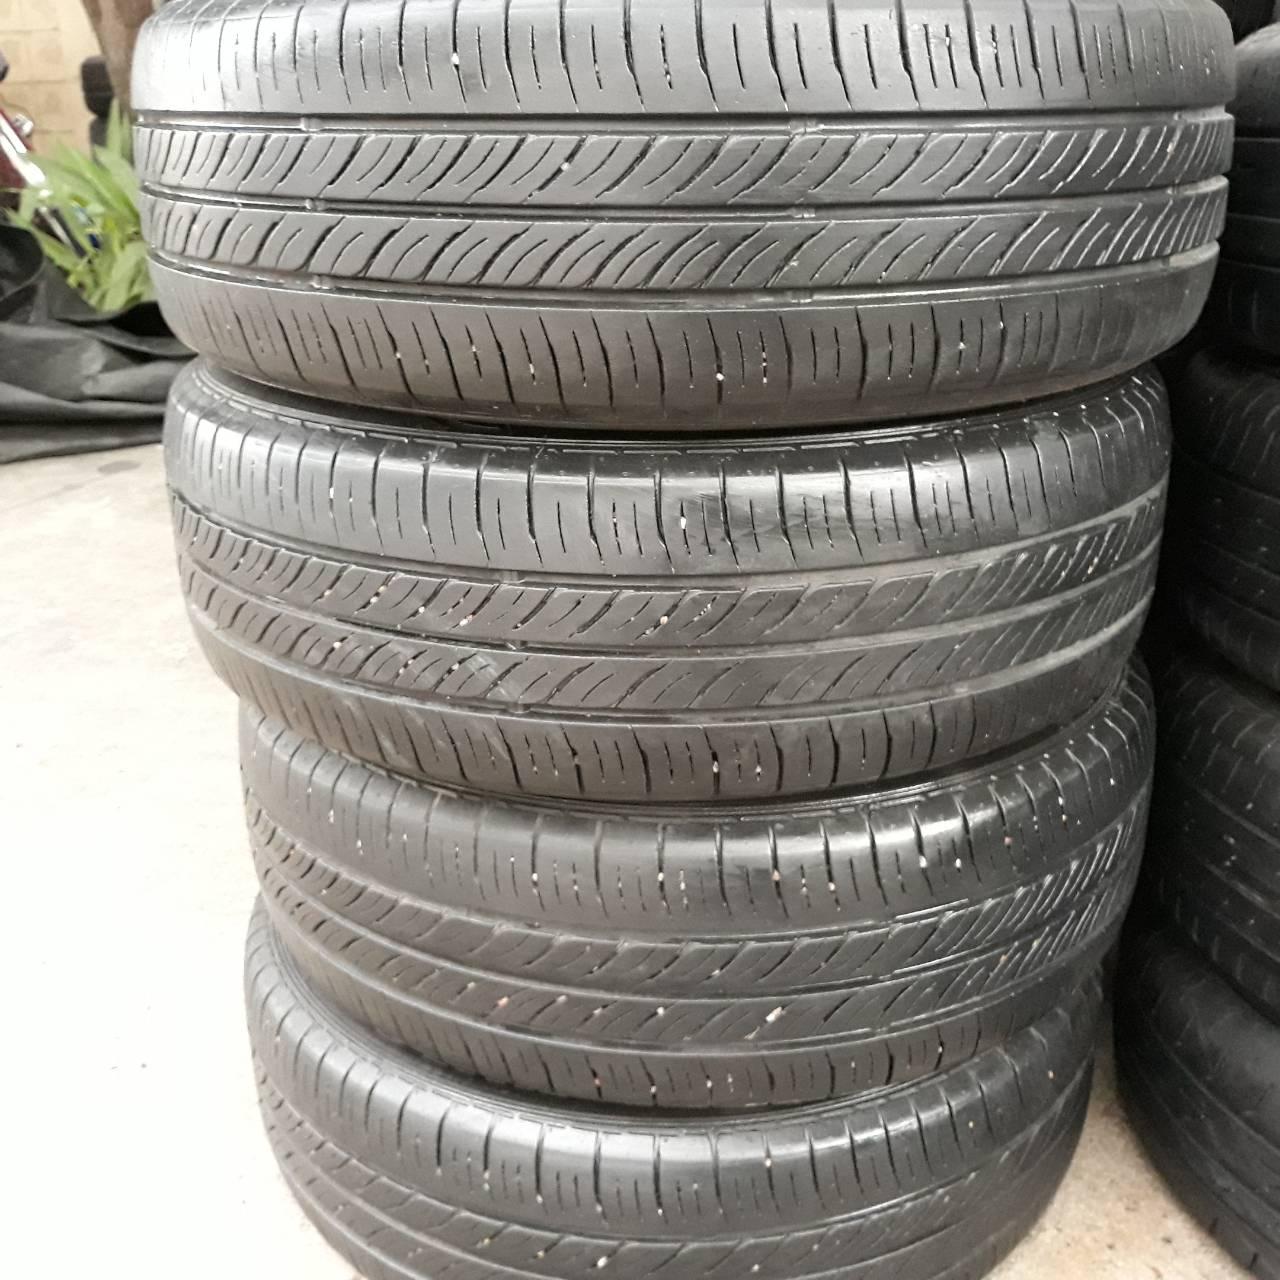 ขายยาง 185 60R15 ปี 2016 Dunlop ec300 สัปดาห์ที่ 44 ปี 2016 จำนวน 4 เส้น ราคา 2800